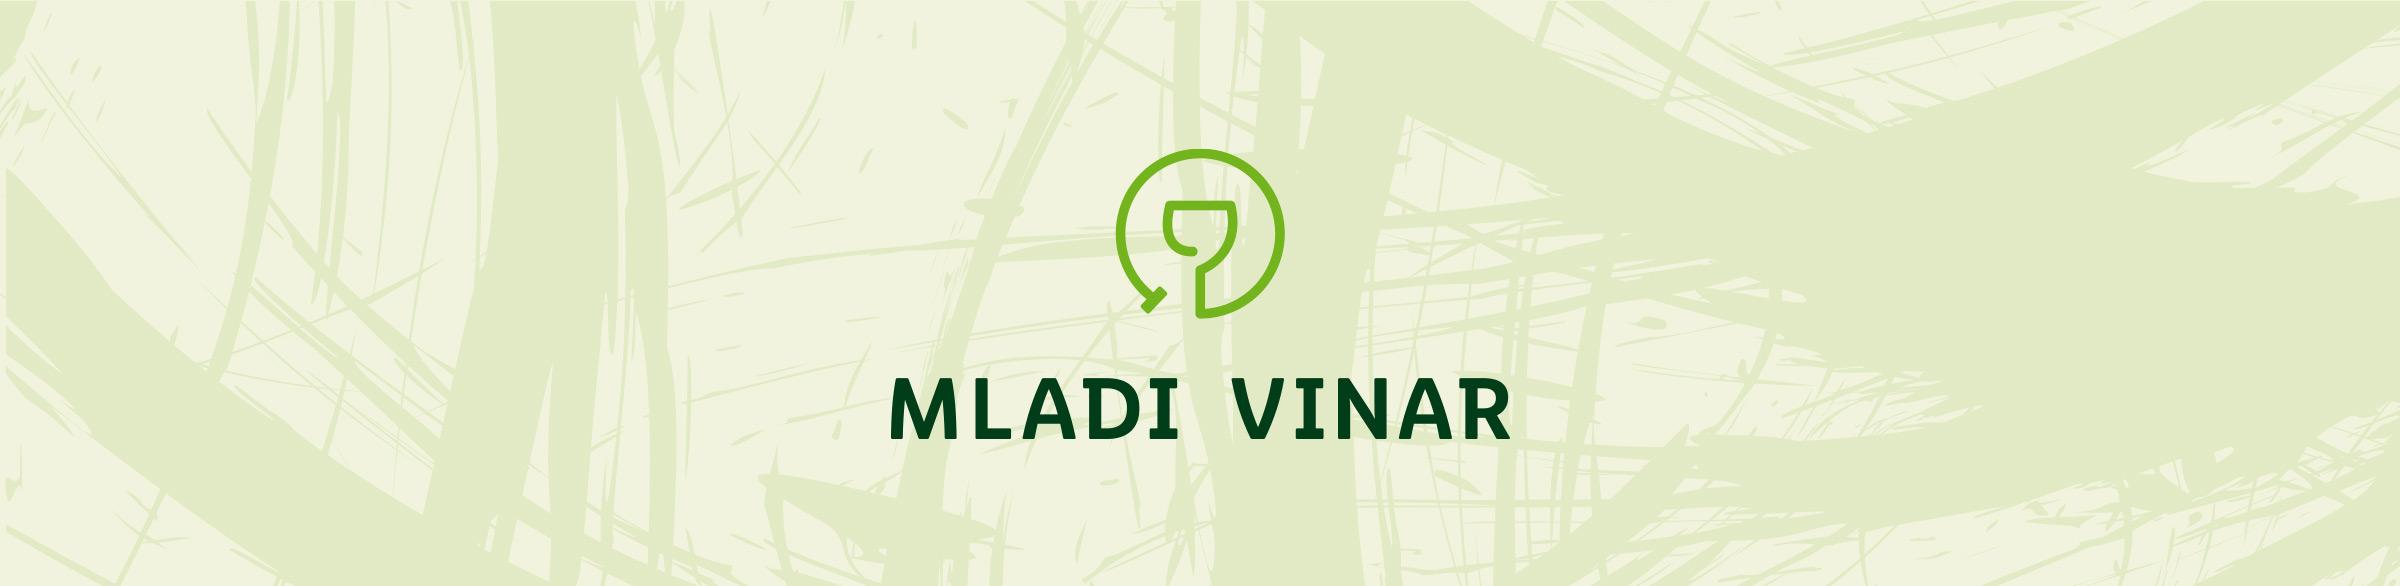 Mladi vinar